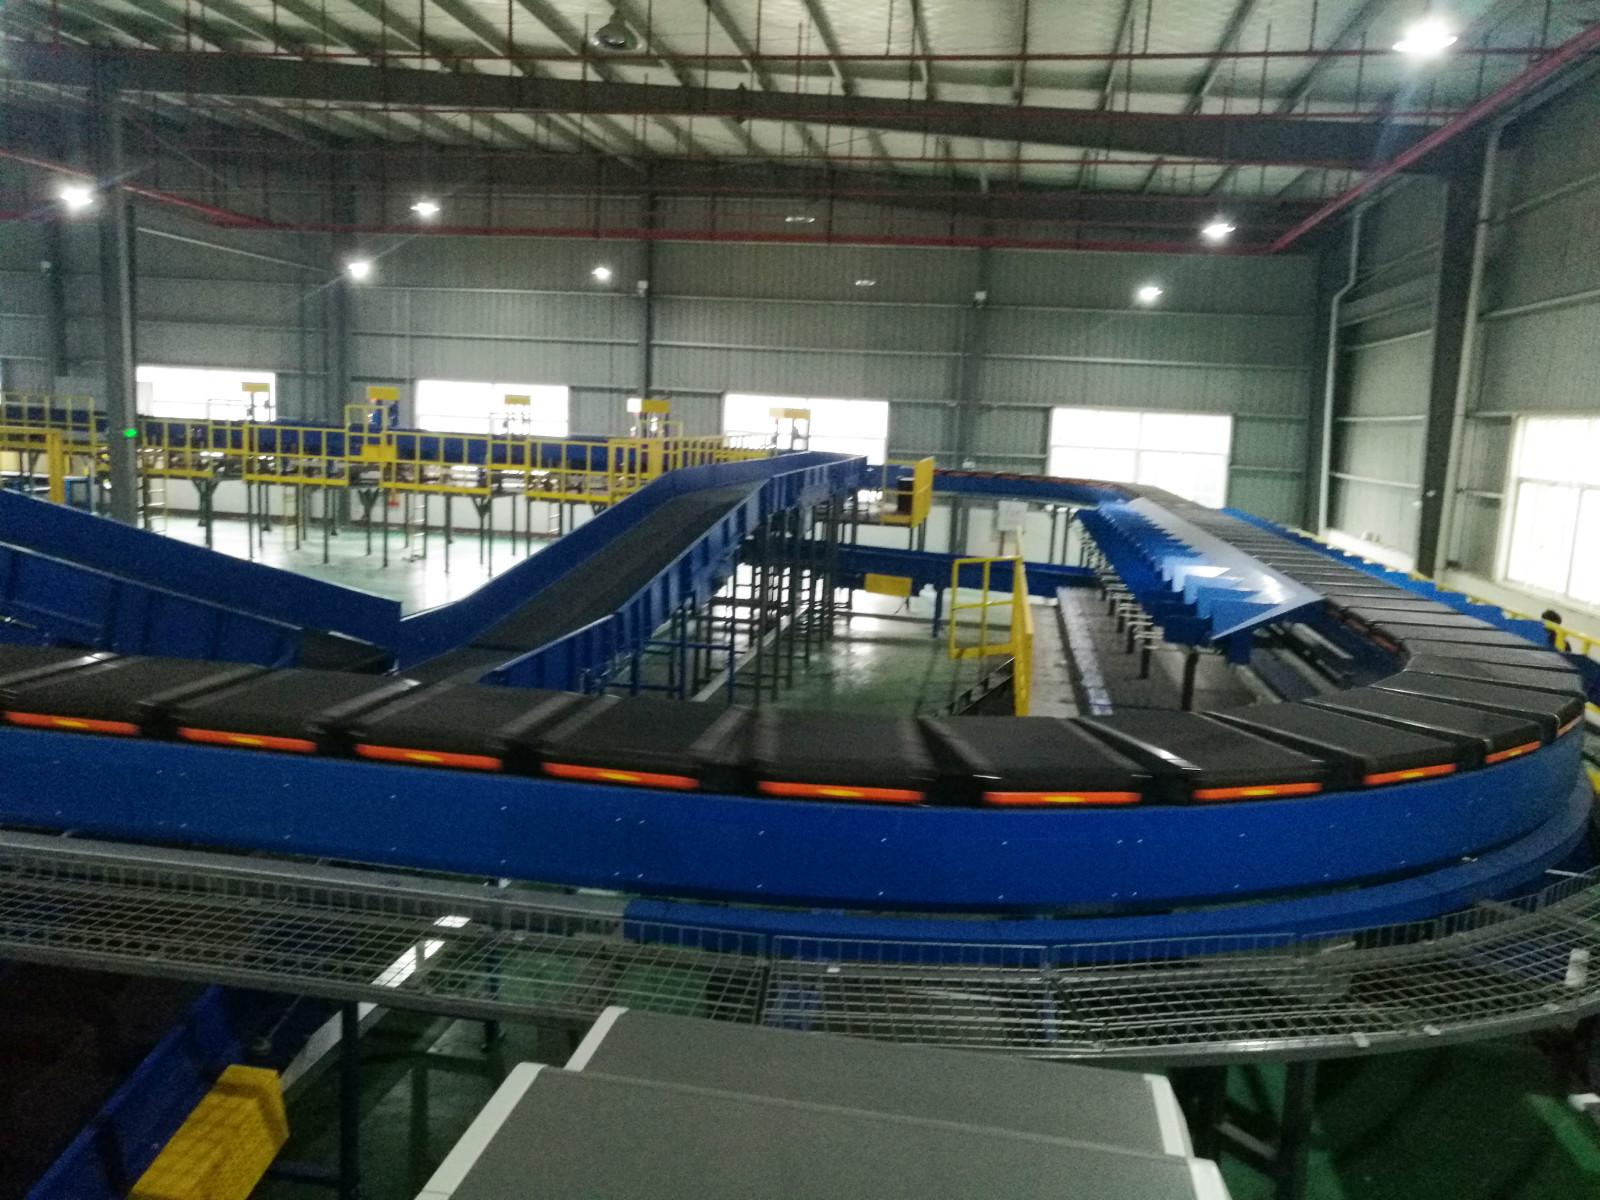 案例精选 | 高速分拣技术助力晋江陆地港国际突破国际业务瓶颈